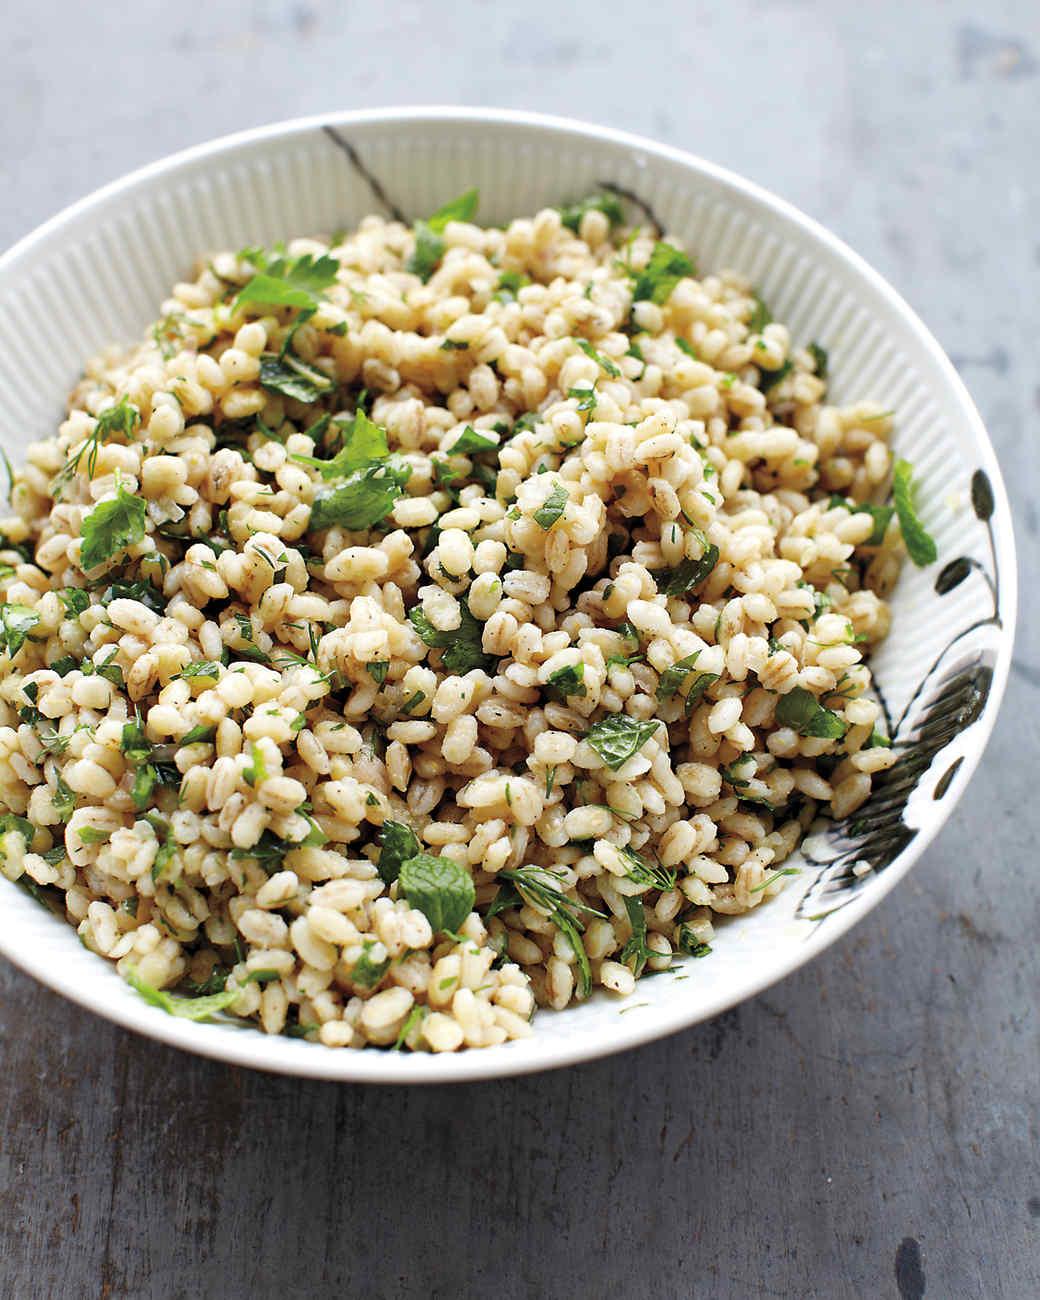 barley-salad-herbs-mld108276.jpg